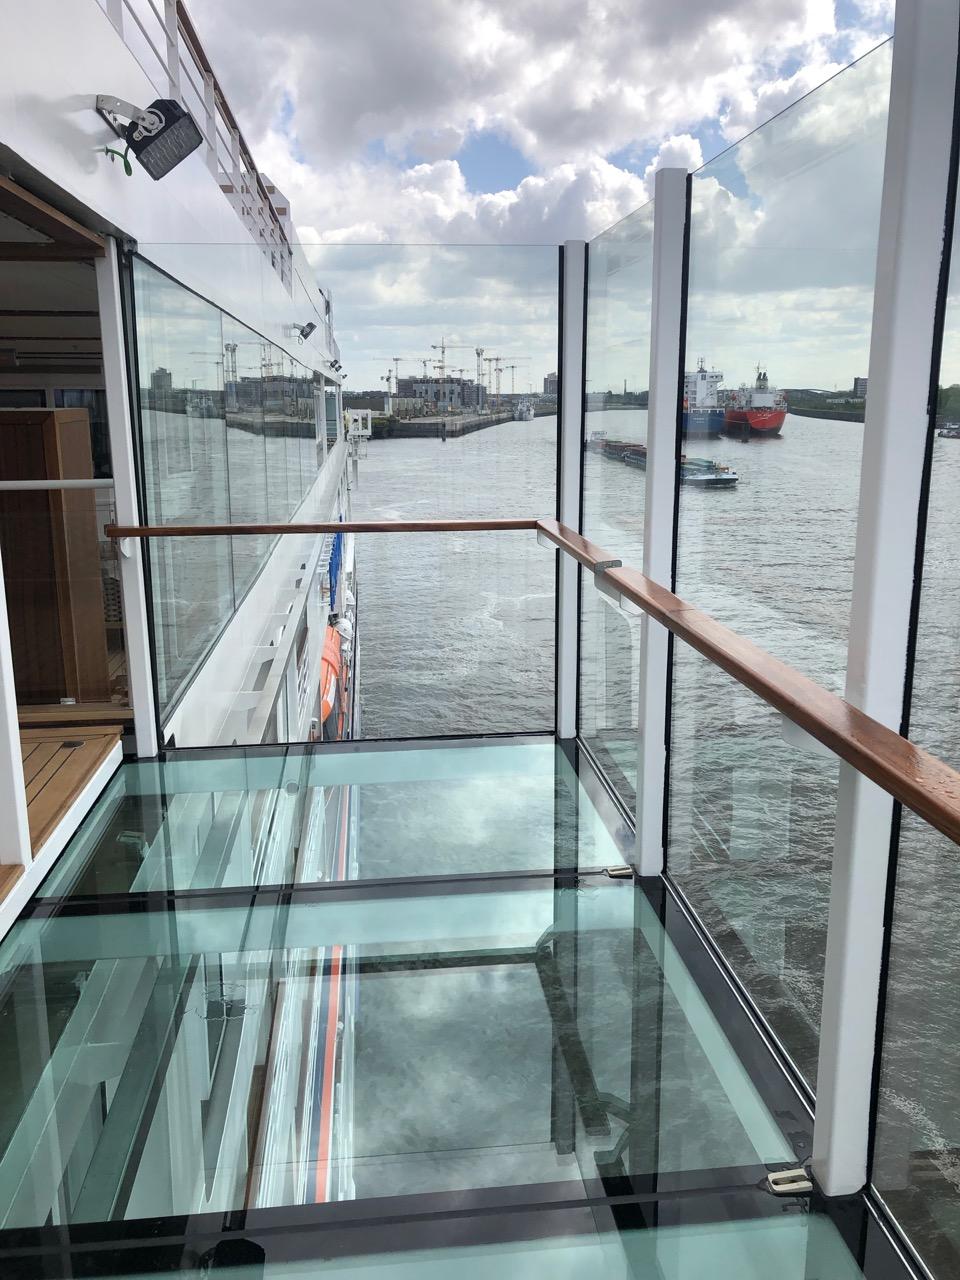 Ausfahrbare gläserne Balkone